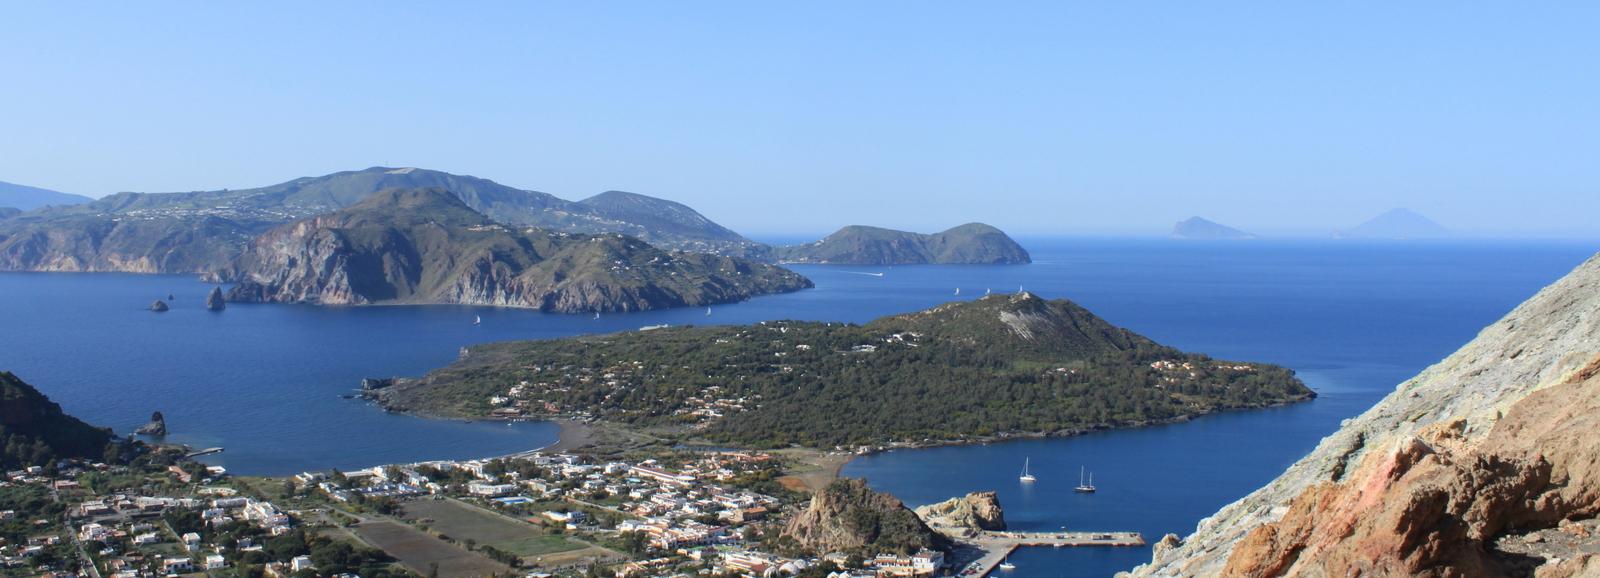 Eolean Islands, Sicily